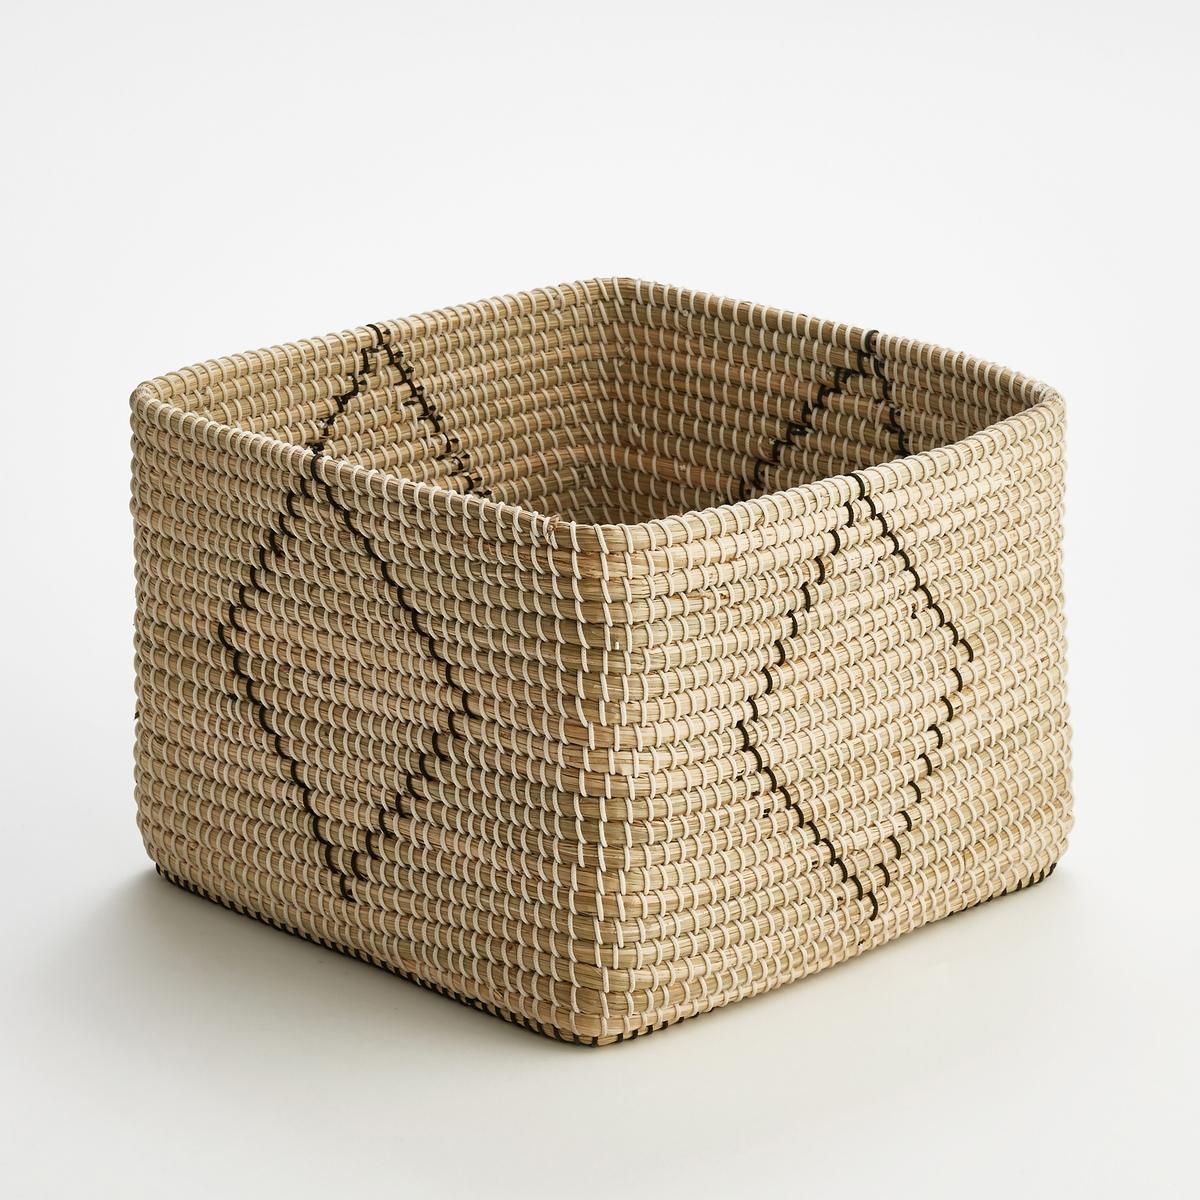 Корзина плетеная квадратная GuillermoХарактеристики : - Плетеная корзина из рисовой соломки.Размеры  :- Д35 x В25 x Г35 см<br><br>Цвет: черный/ экрю